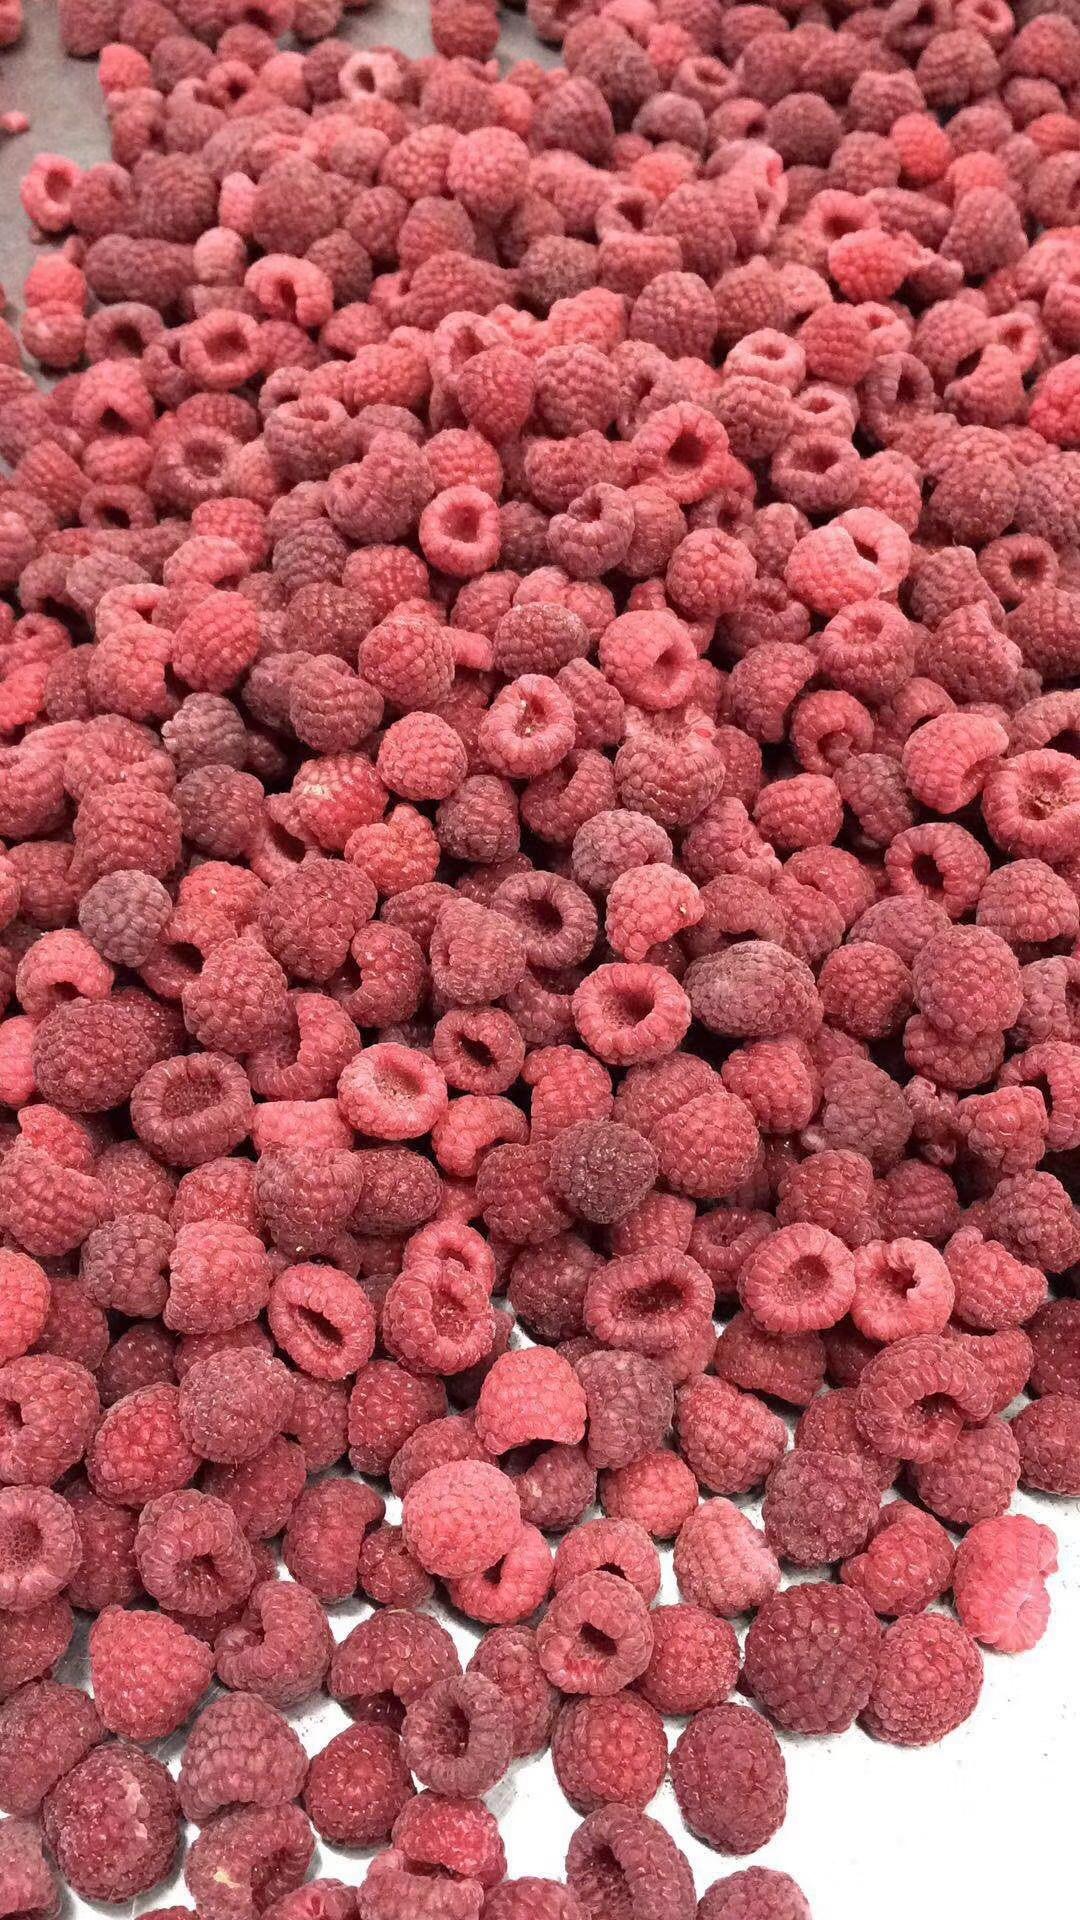 【冻草莓】速冻草莓 冷冻草莓 果汁果馅果酱果泥烘焙水果原料供应